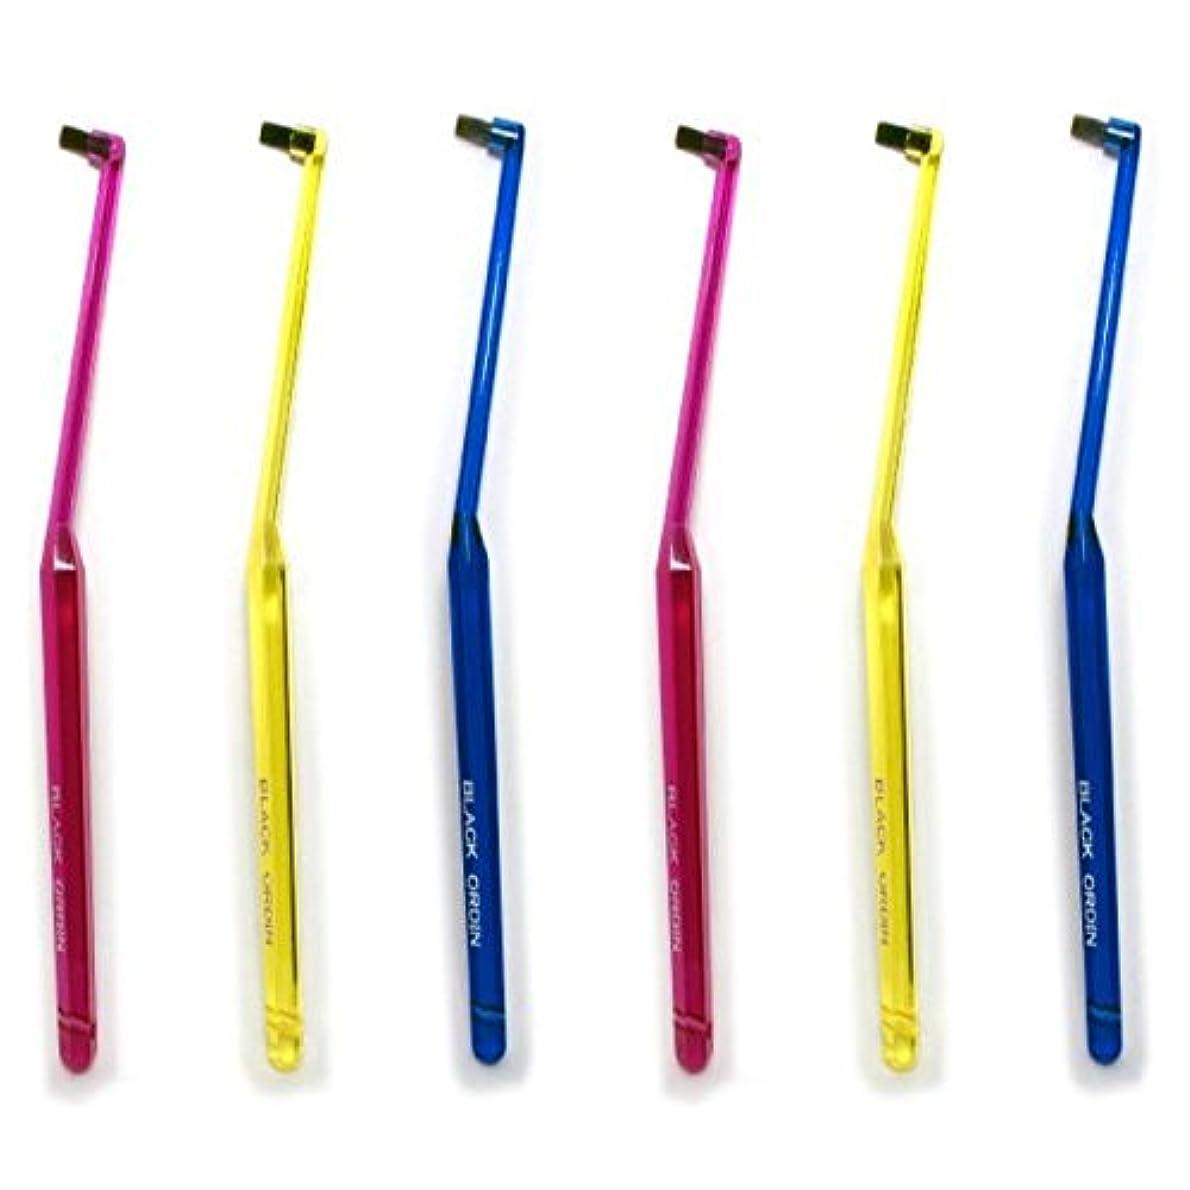 シャイ目を覚ます好きであるワンタフトブラシ ブラックオーディン ワンタフト×6本セット 部分用歯ブラシ 歯磨き 歯ブラシ